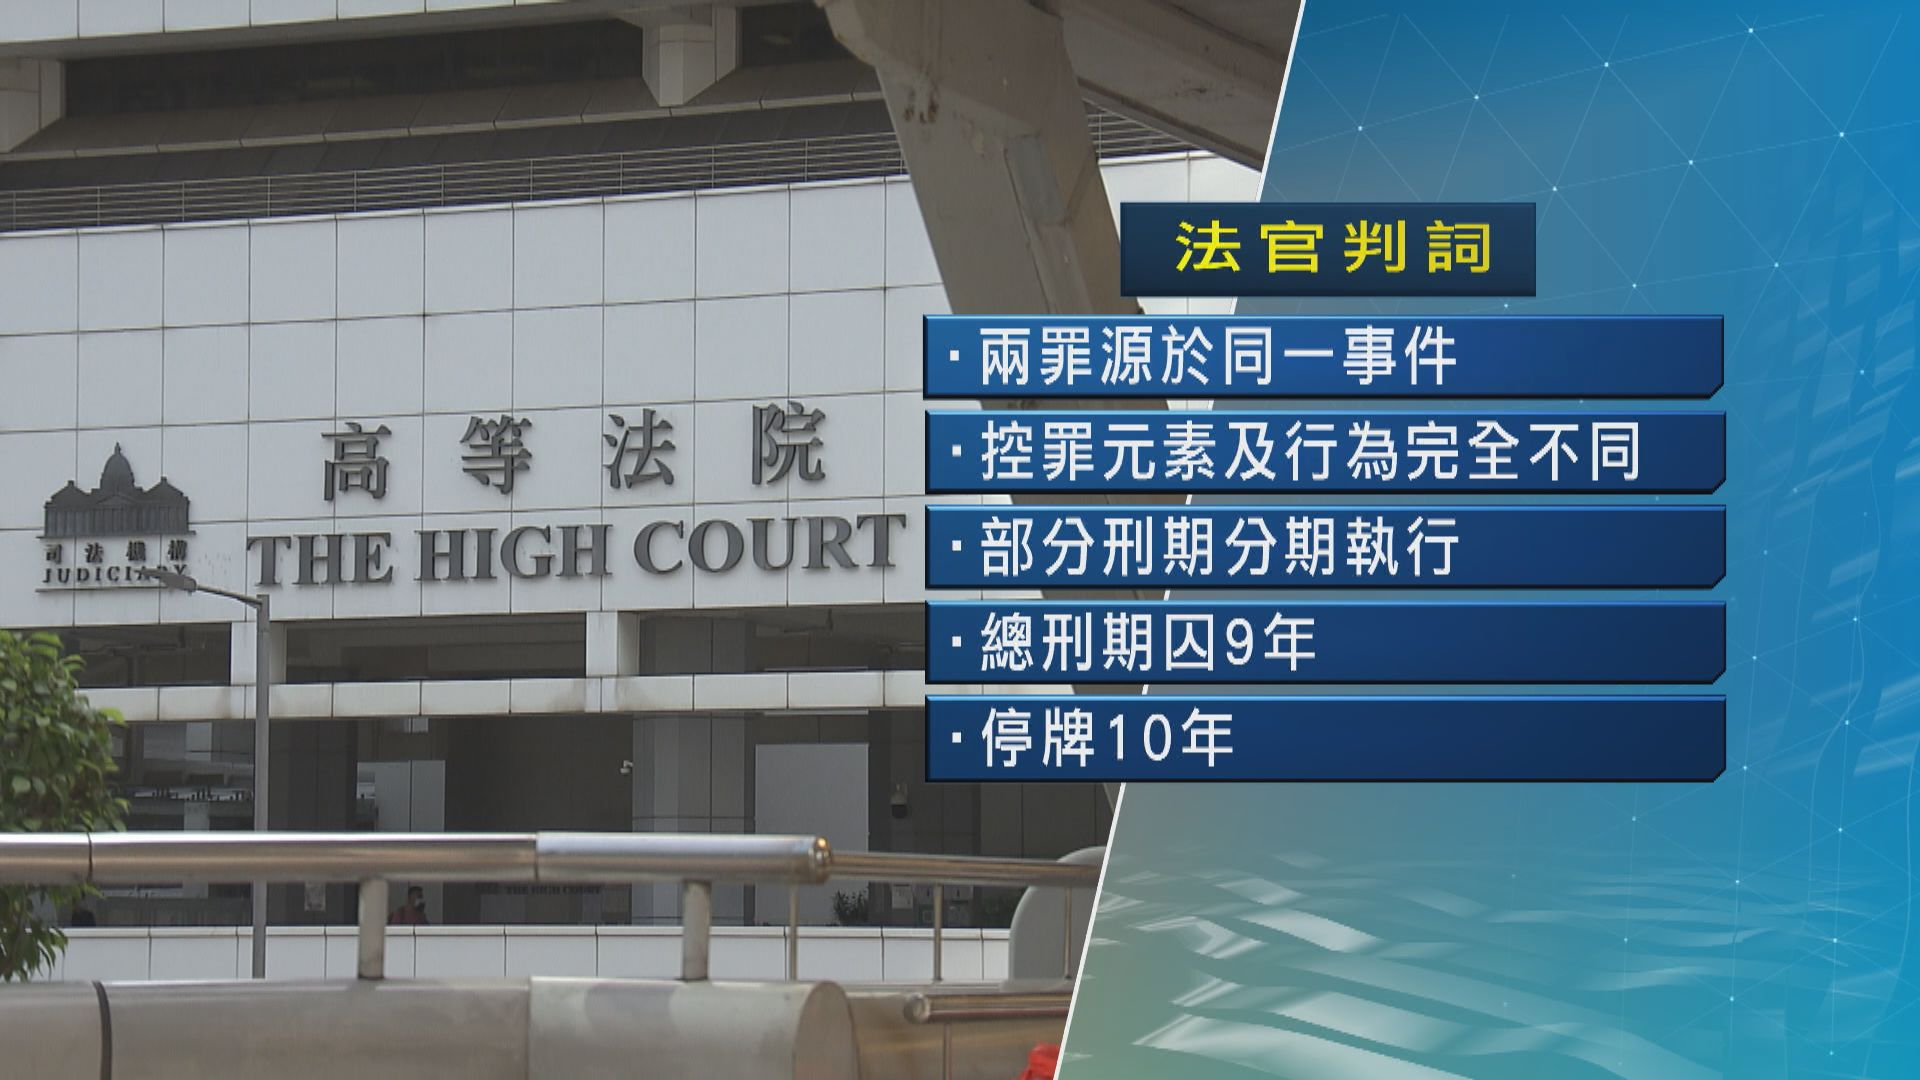 國安法案唐英傑囚九年 法官指選七一行事求最大關注